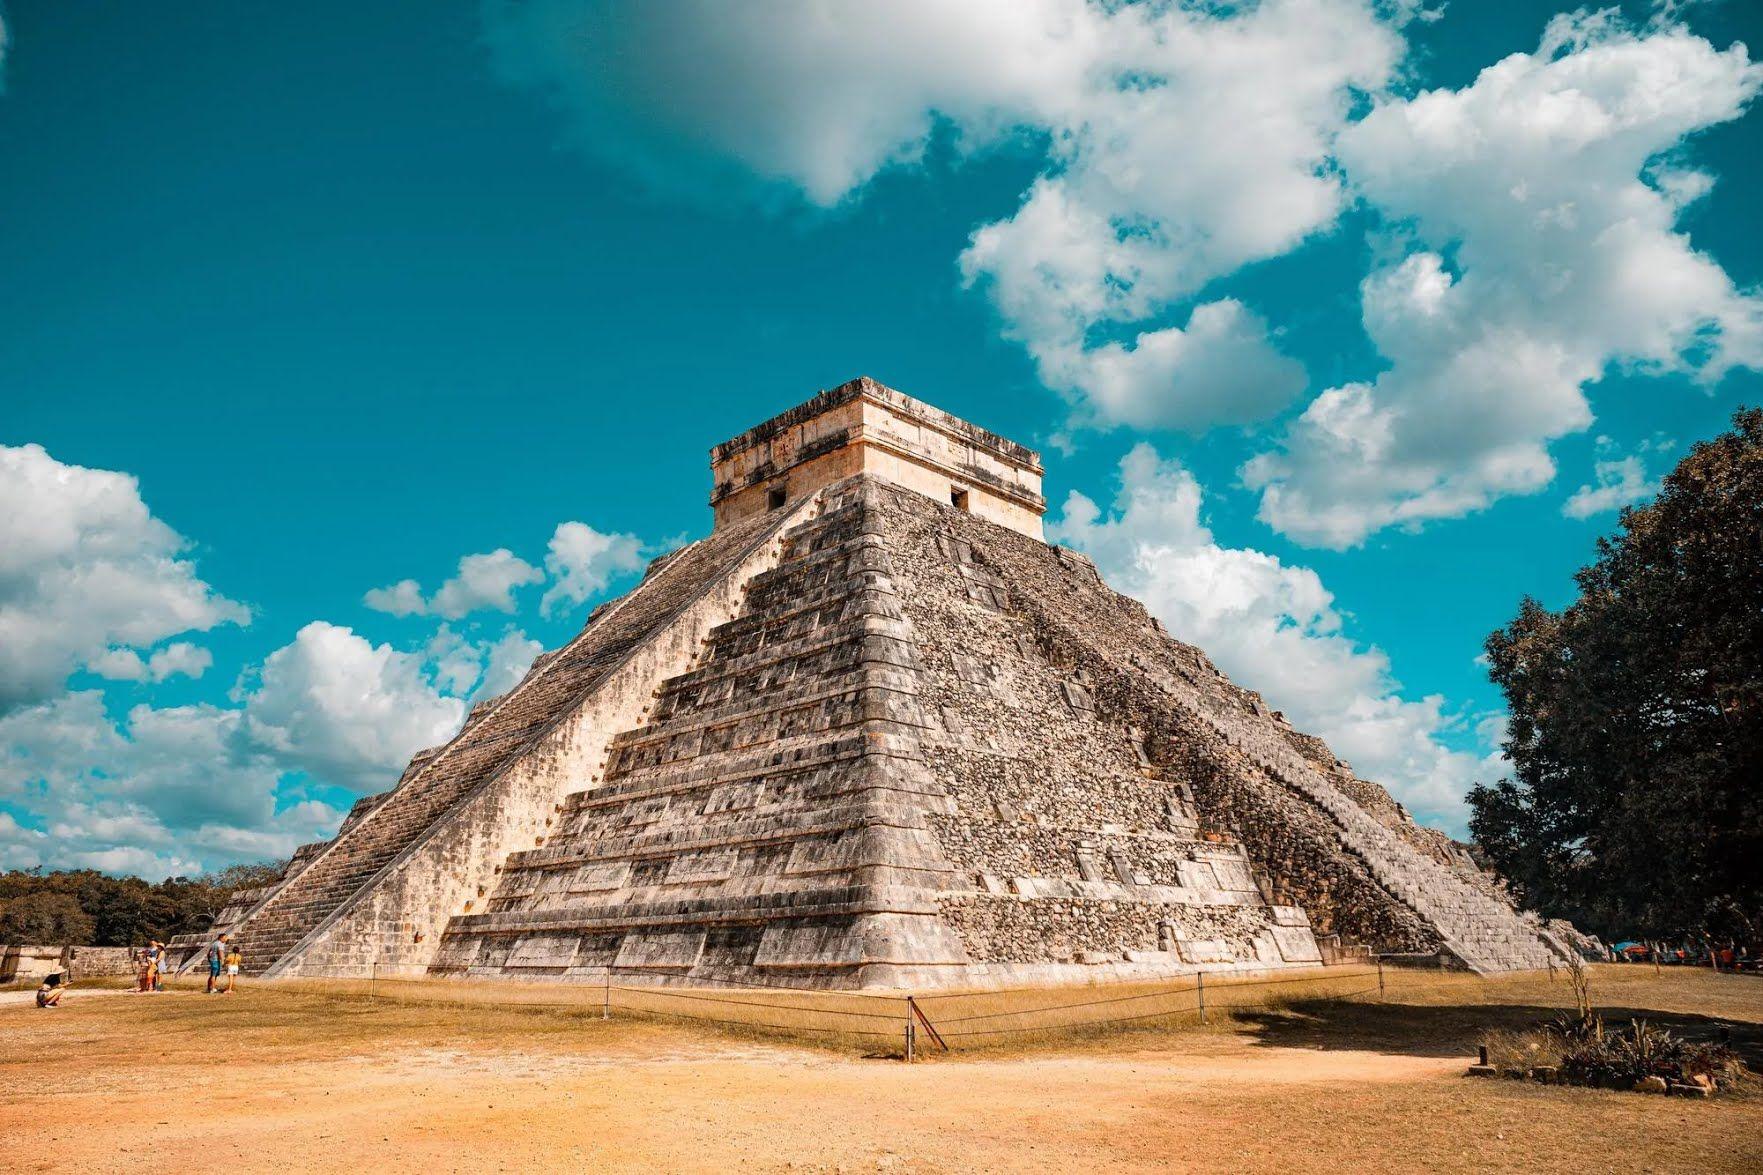 В Мексику разрешен въезд без ограничений, однако многие памятники истории закрыты для туристов из-за пандемии.